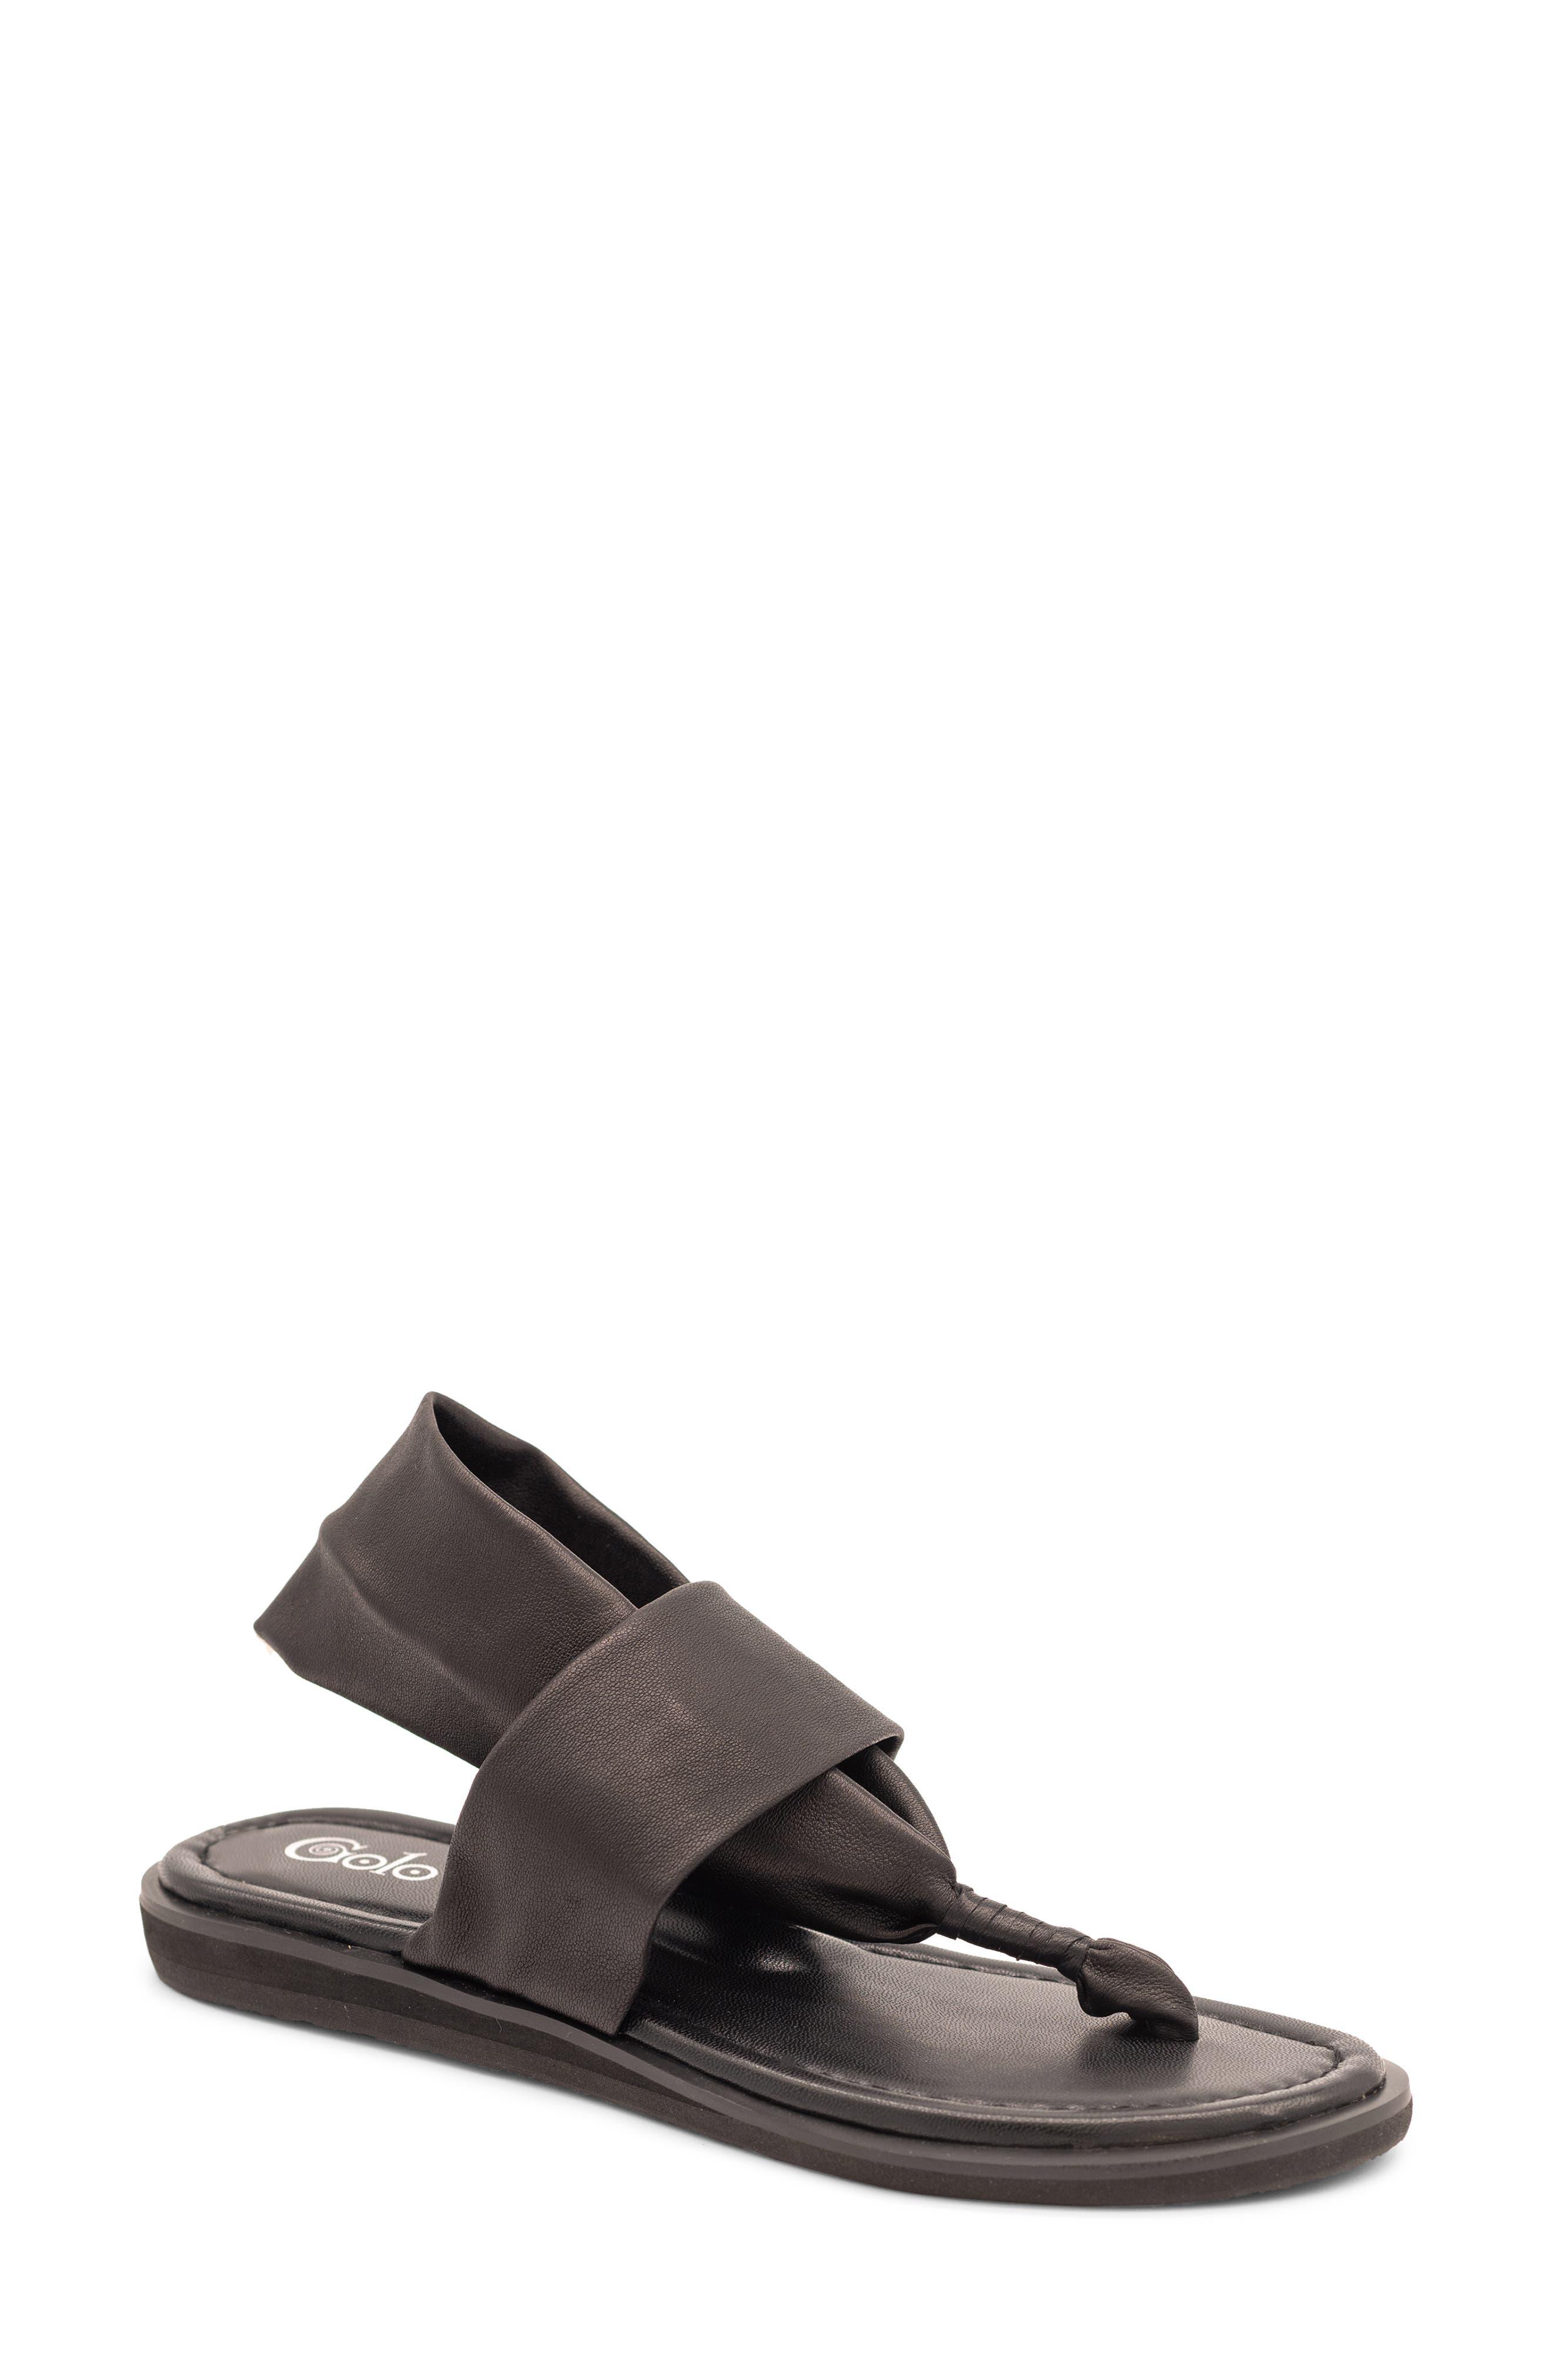 Drake Thong Sandal